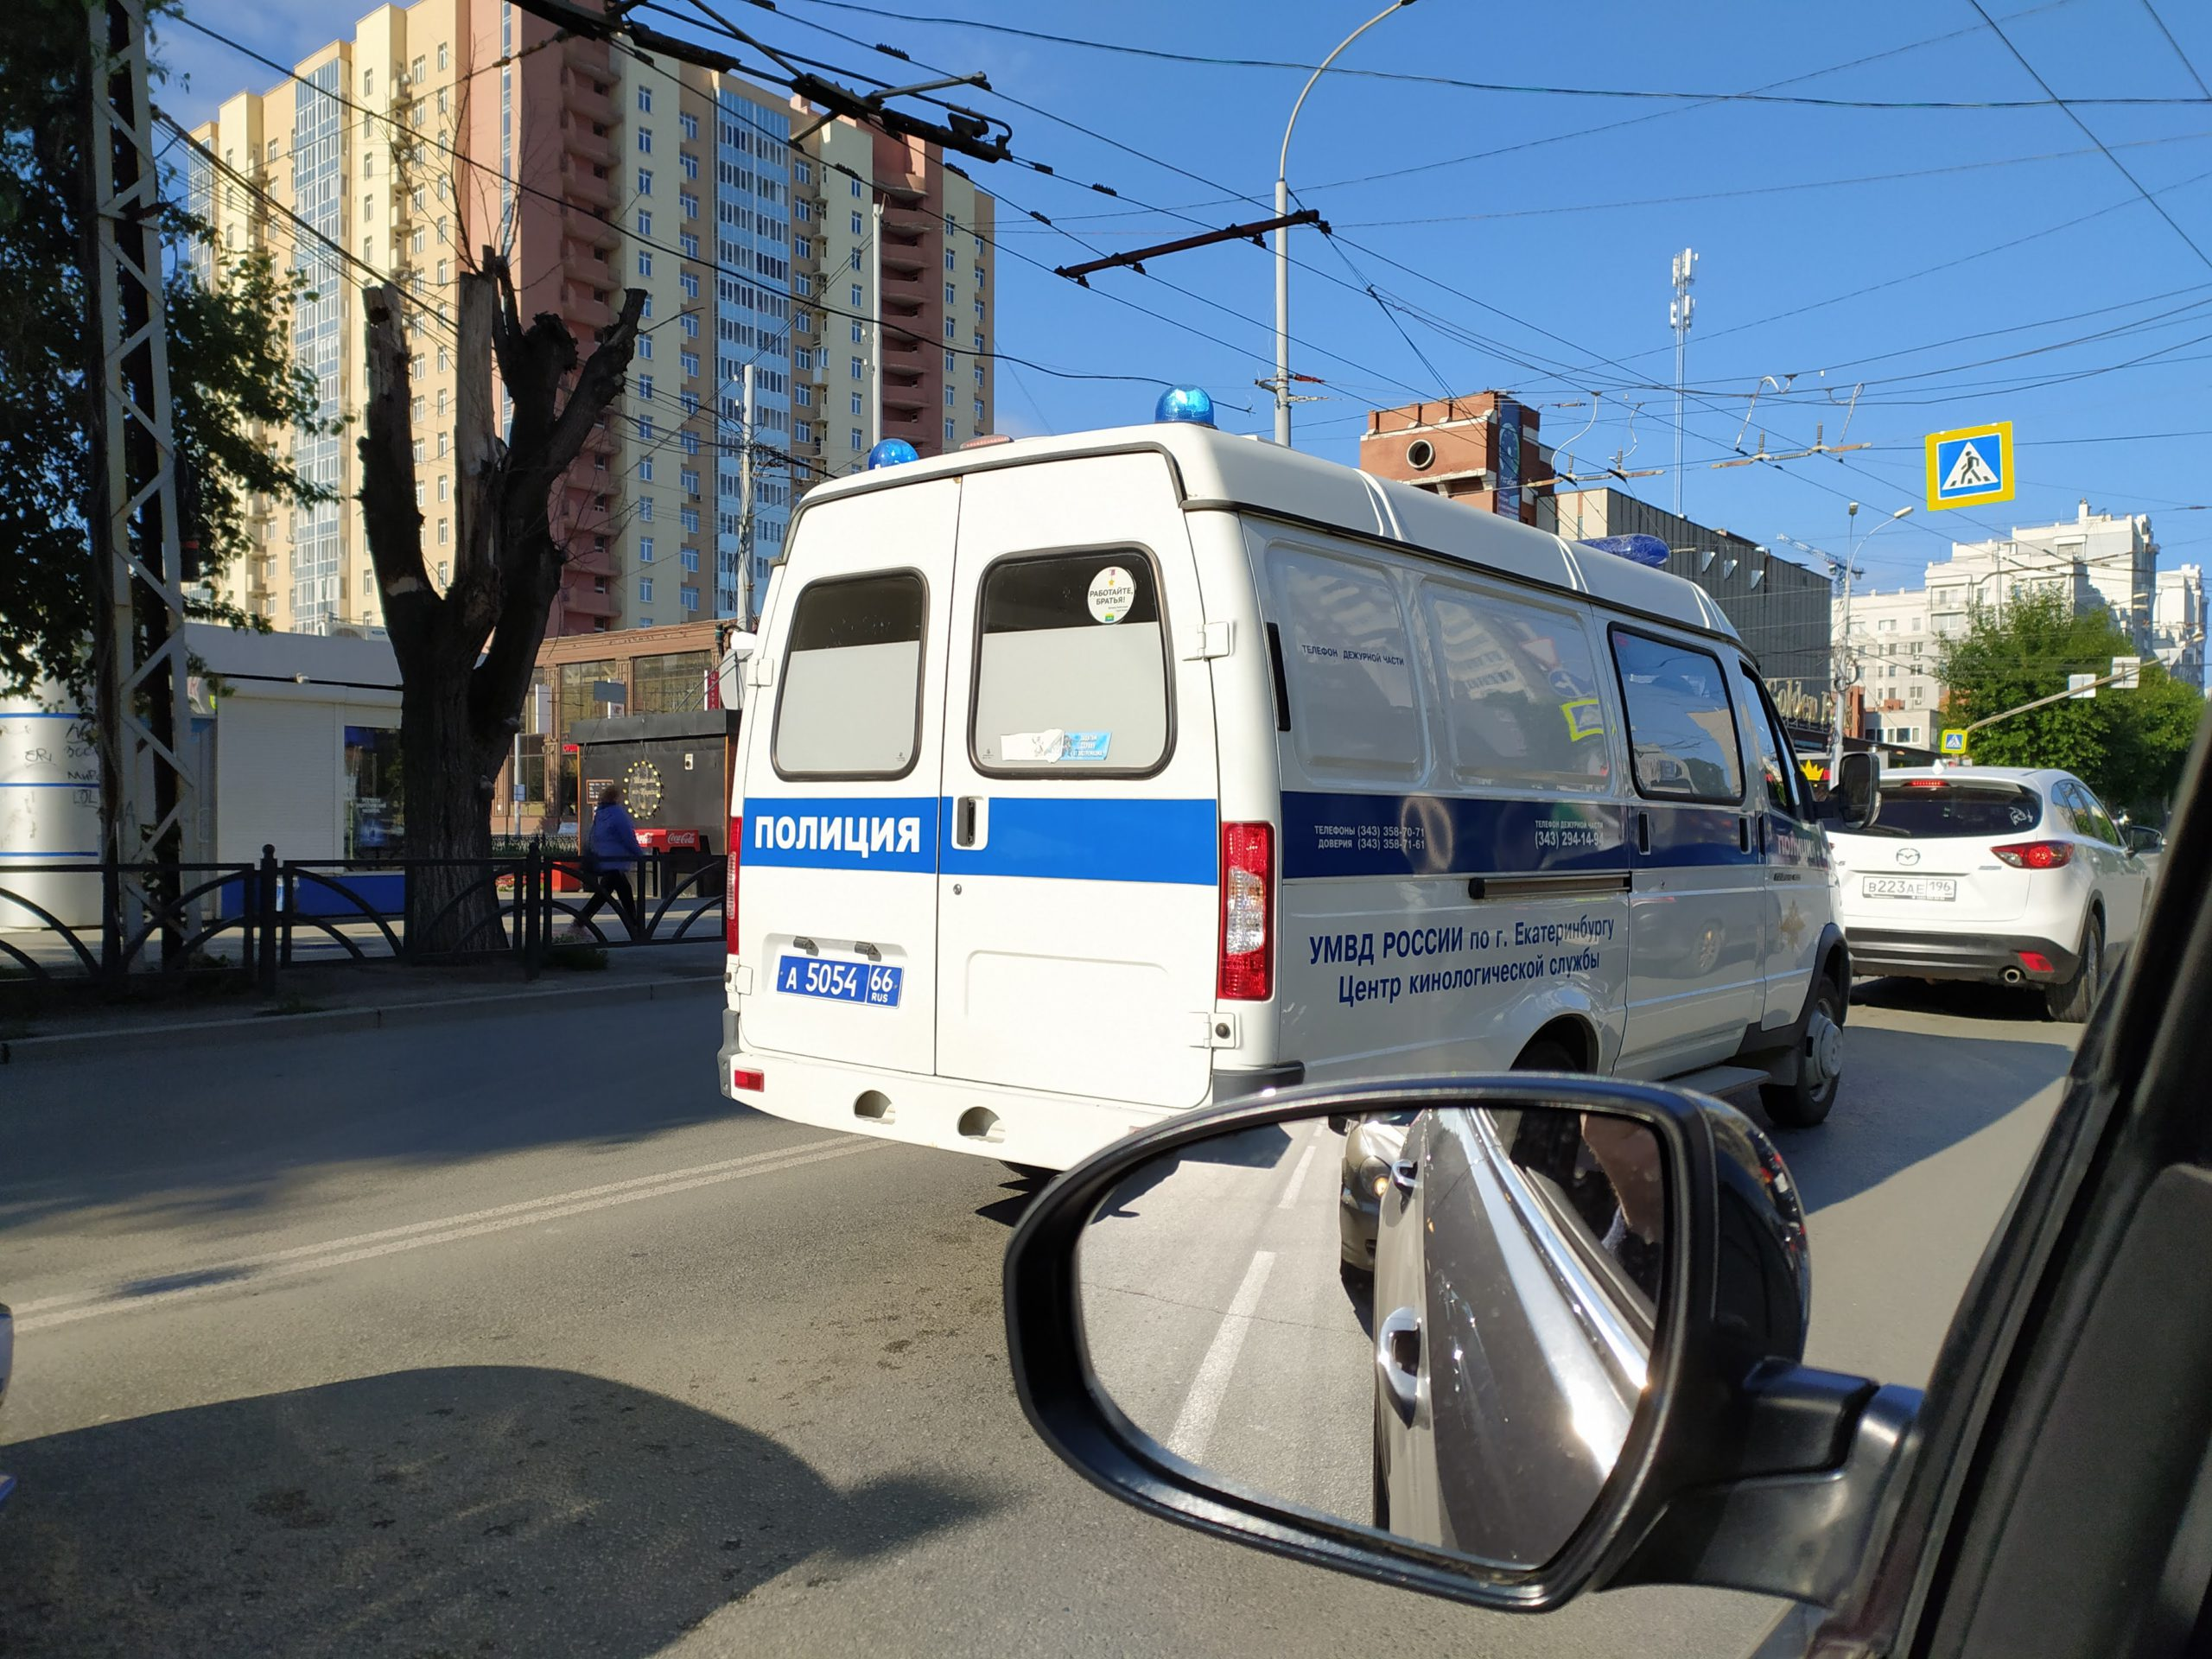 Московские следственные органы нагрянули в командировку в Екатеринбург. Незаконный допрос шел до 00.28